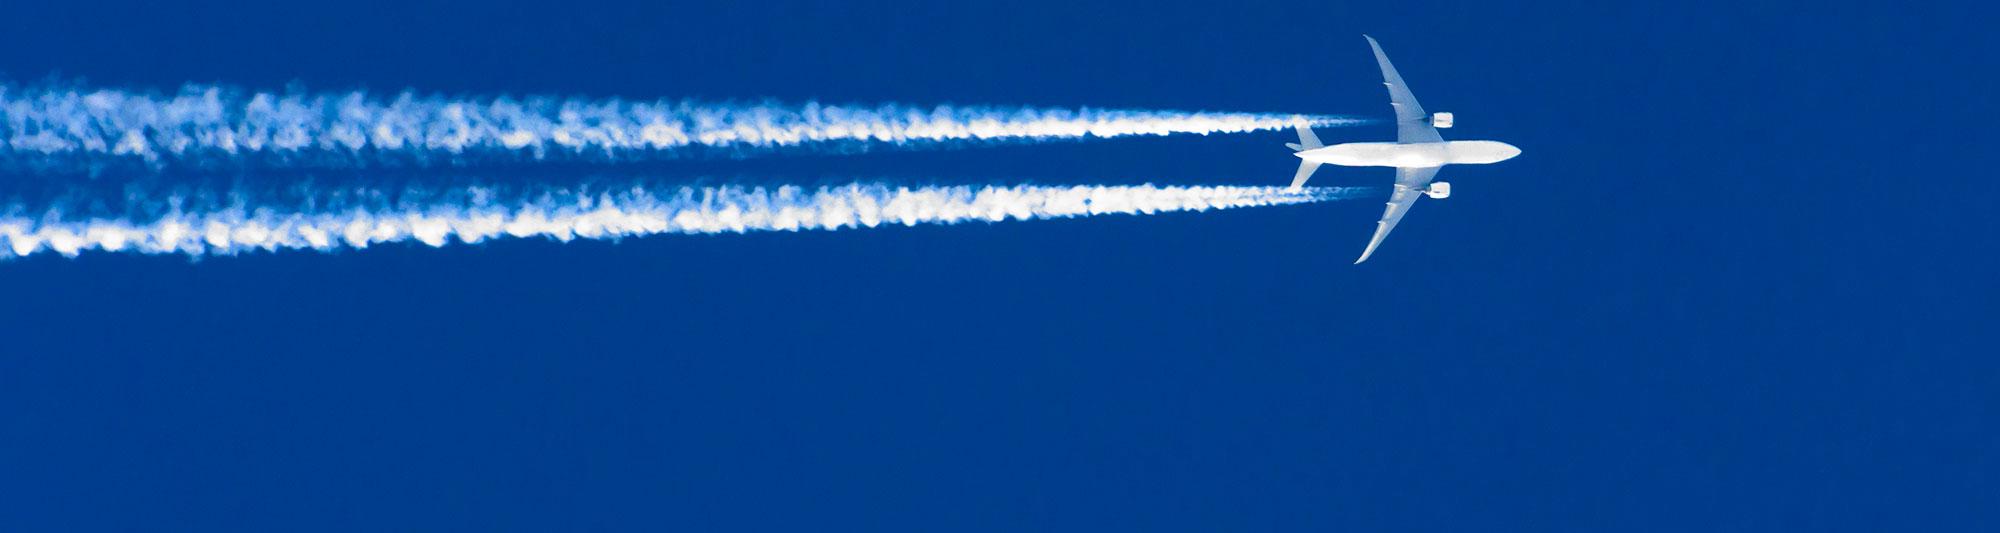 Flygplan med kondensstrimmor mot blå himmel